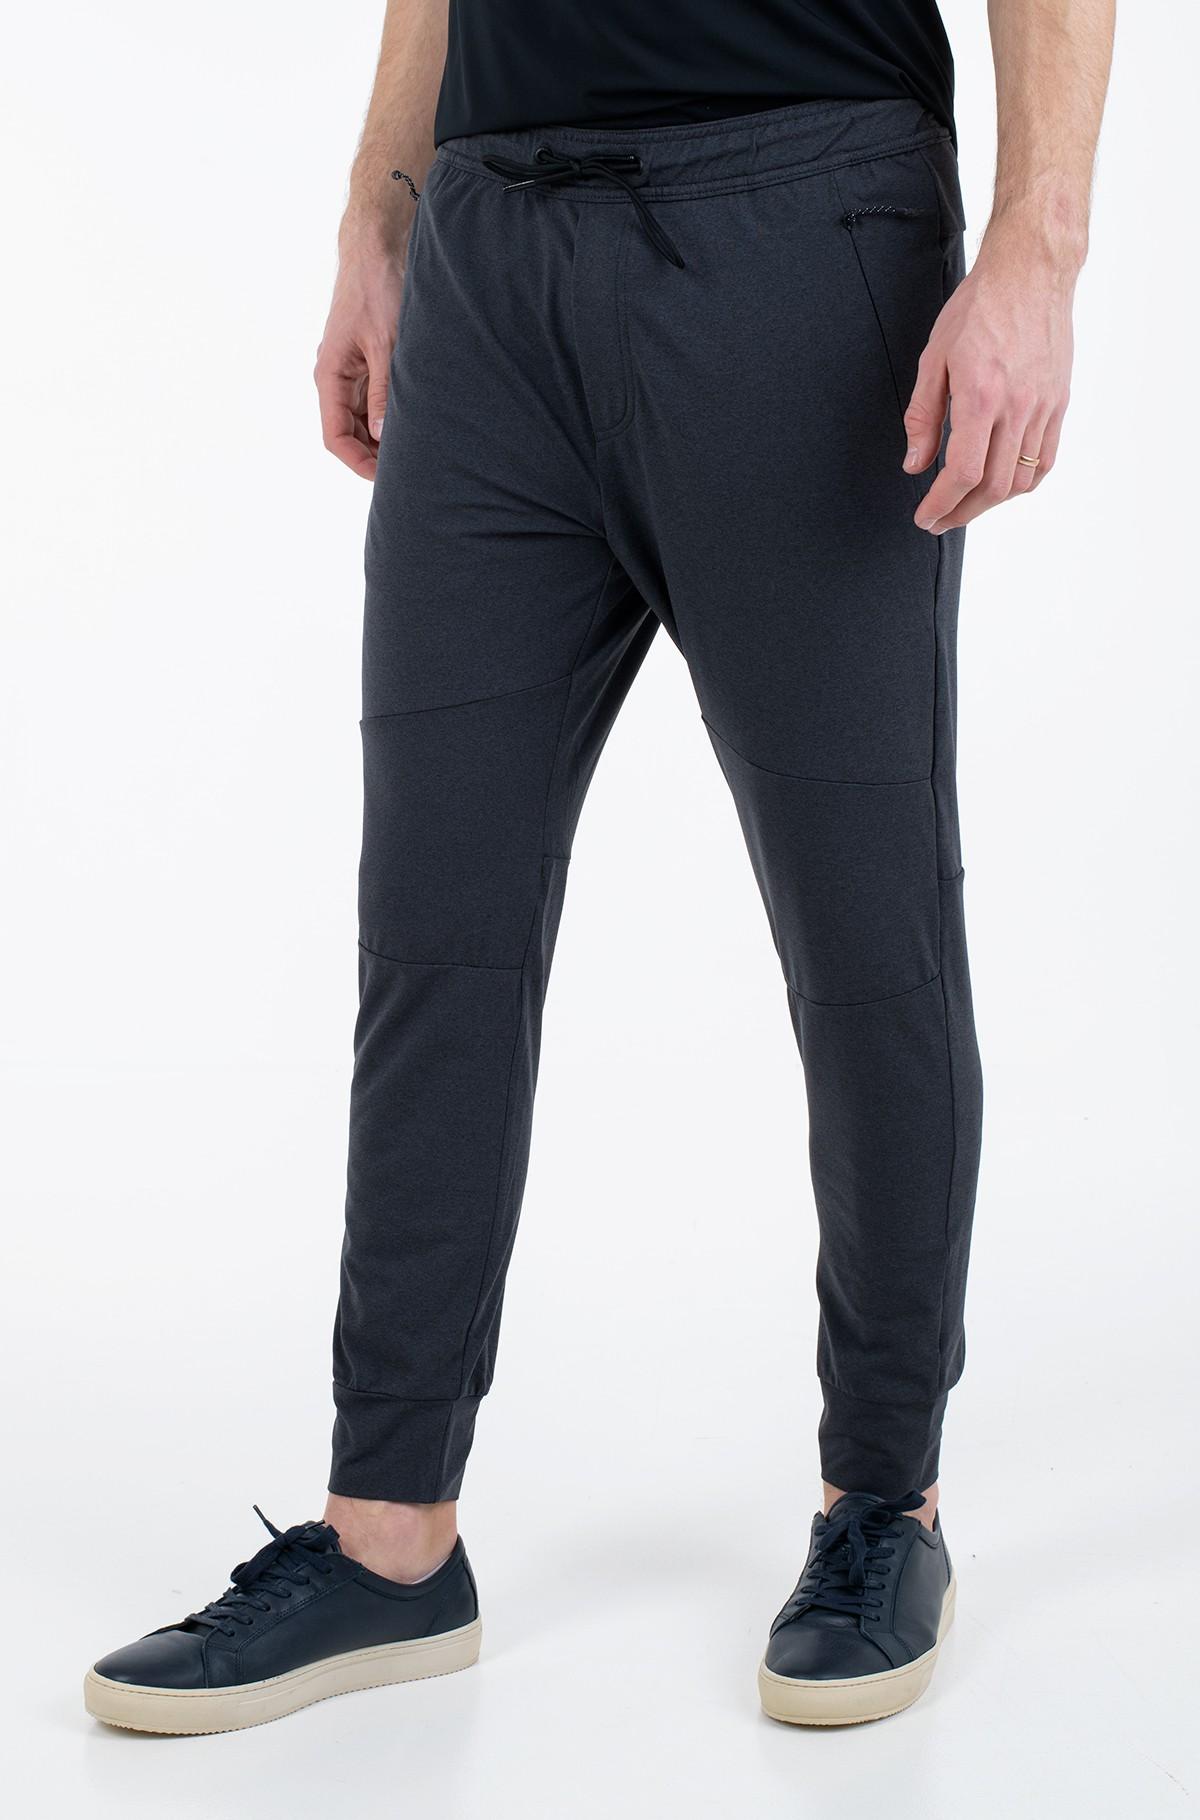 Sweatpants  012-1229-4475-full-1